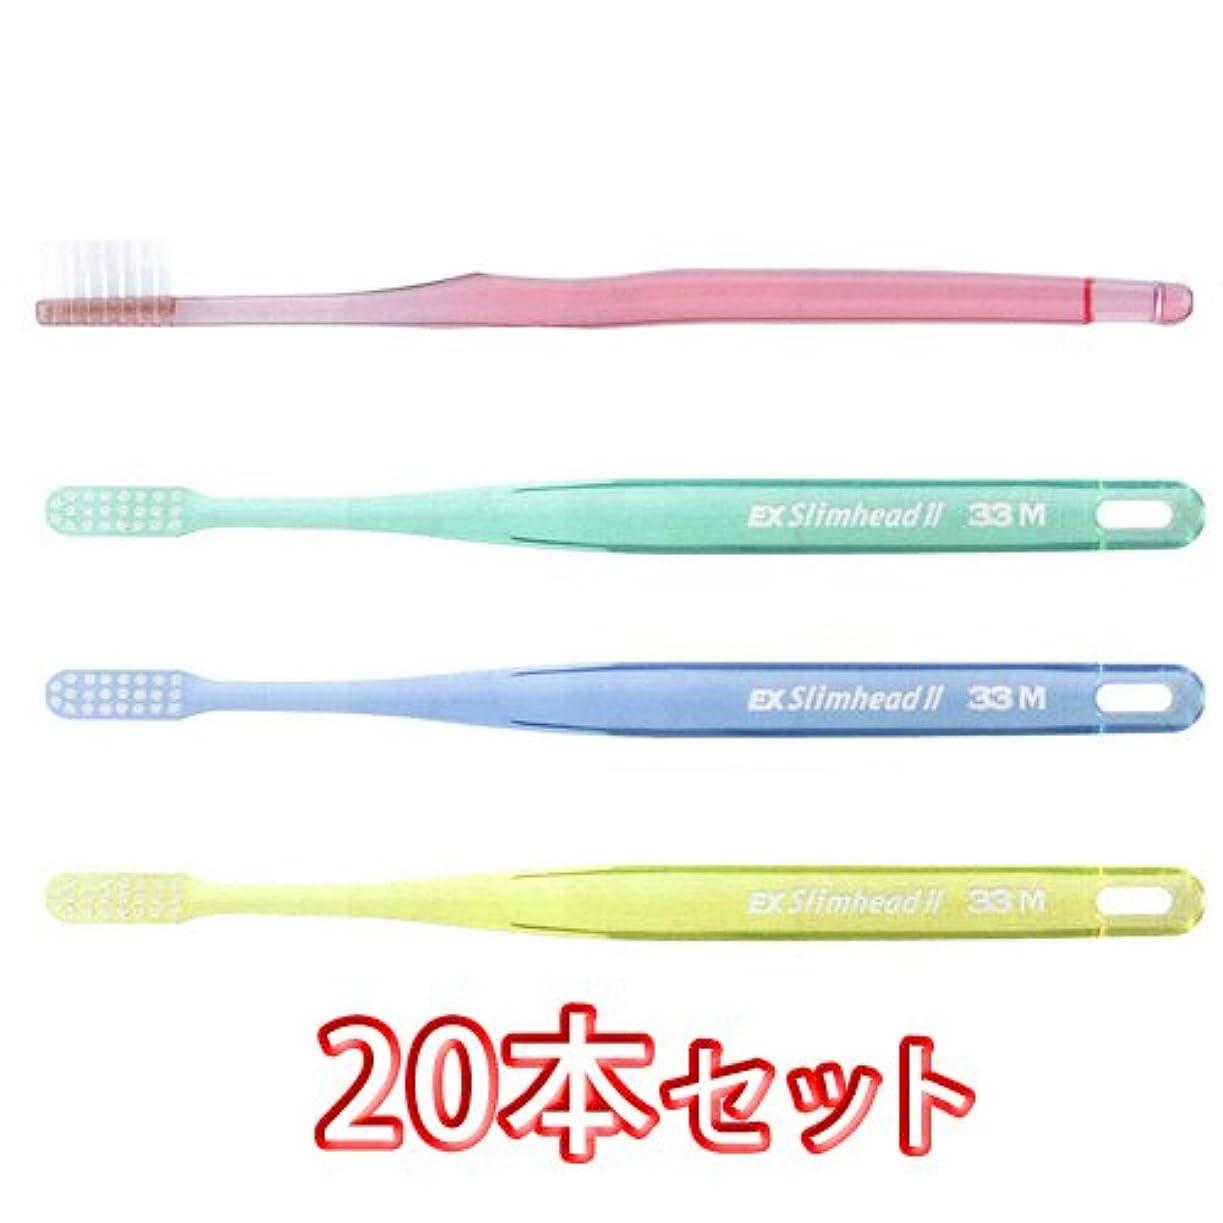 認知着服マスクライオン スリムヘッド2 歯ブラシ DENT . EX Slimhead2 20本入 (33M)